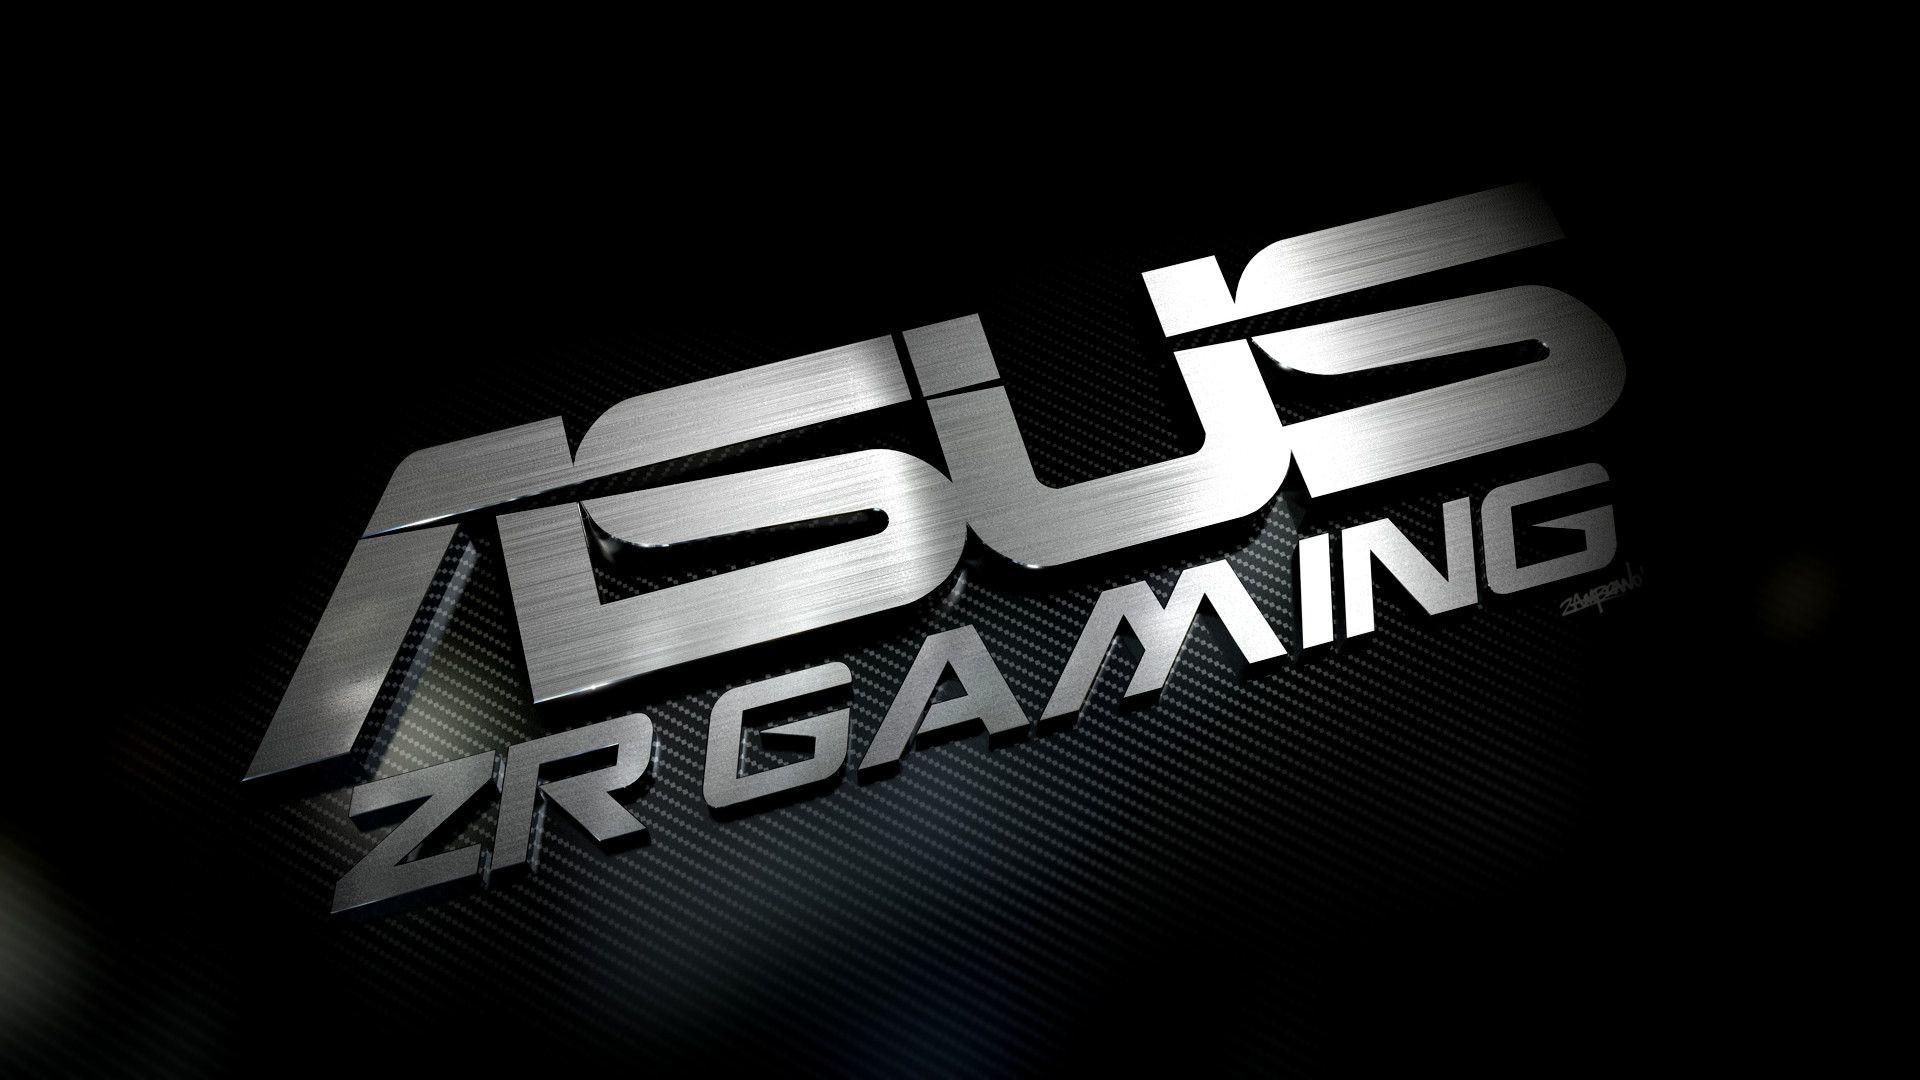 Download Asus Zr Gaming Wallpaper